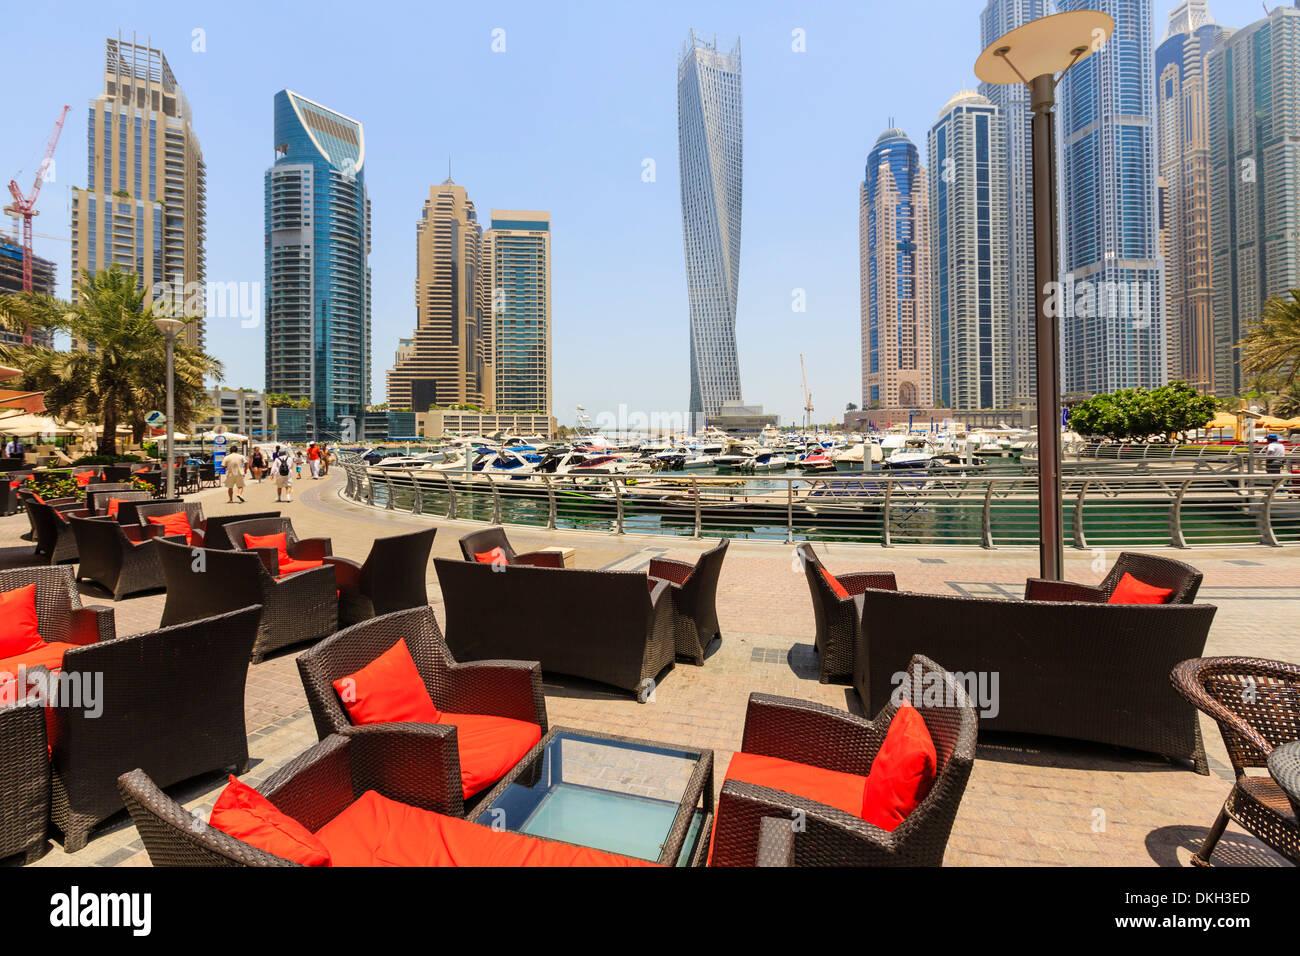 Cayan Tower in Dubai Marina, Dubai, United Arab Emirates, Middle East - Stock Image